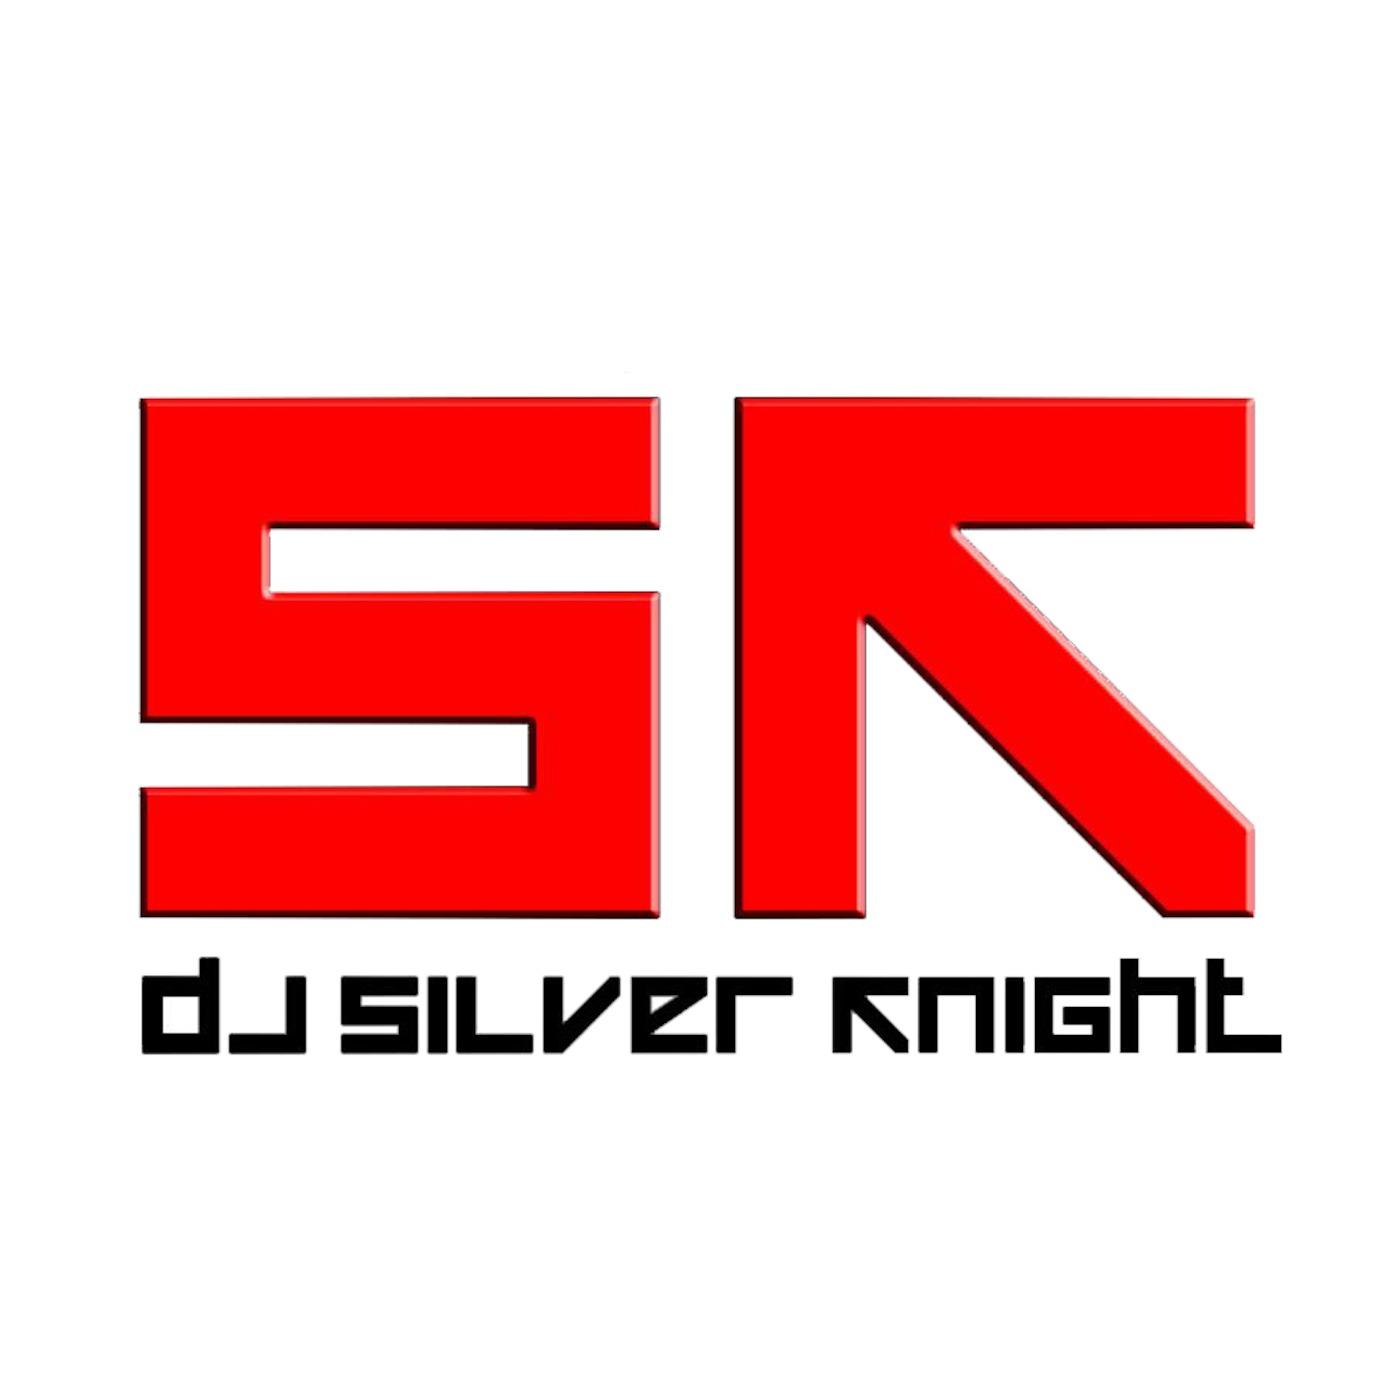 Dj Silver Knight